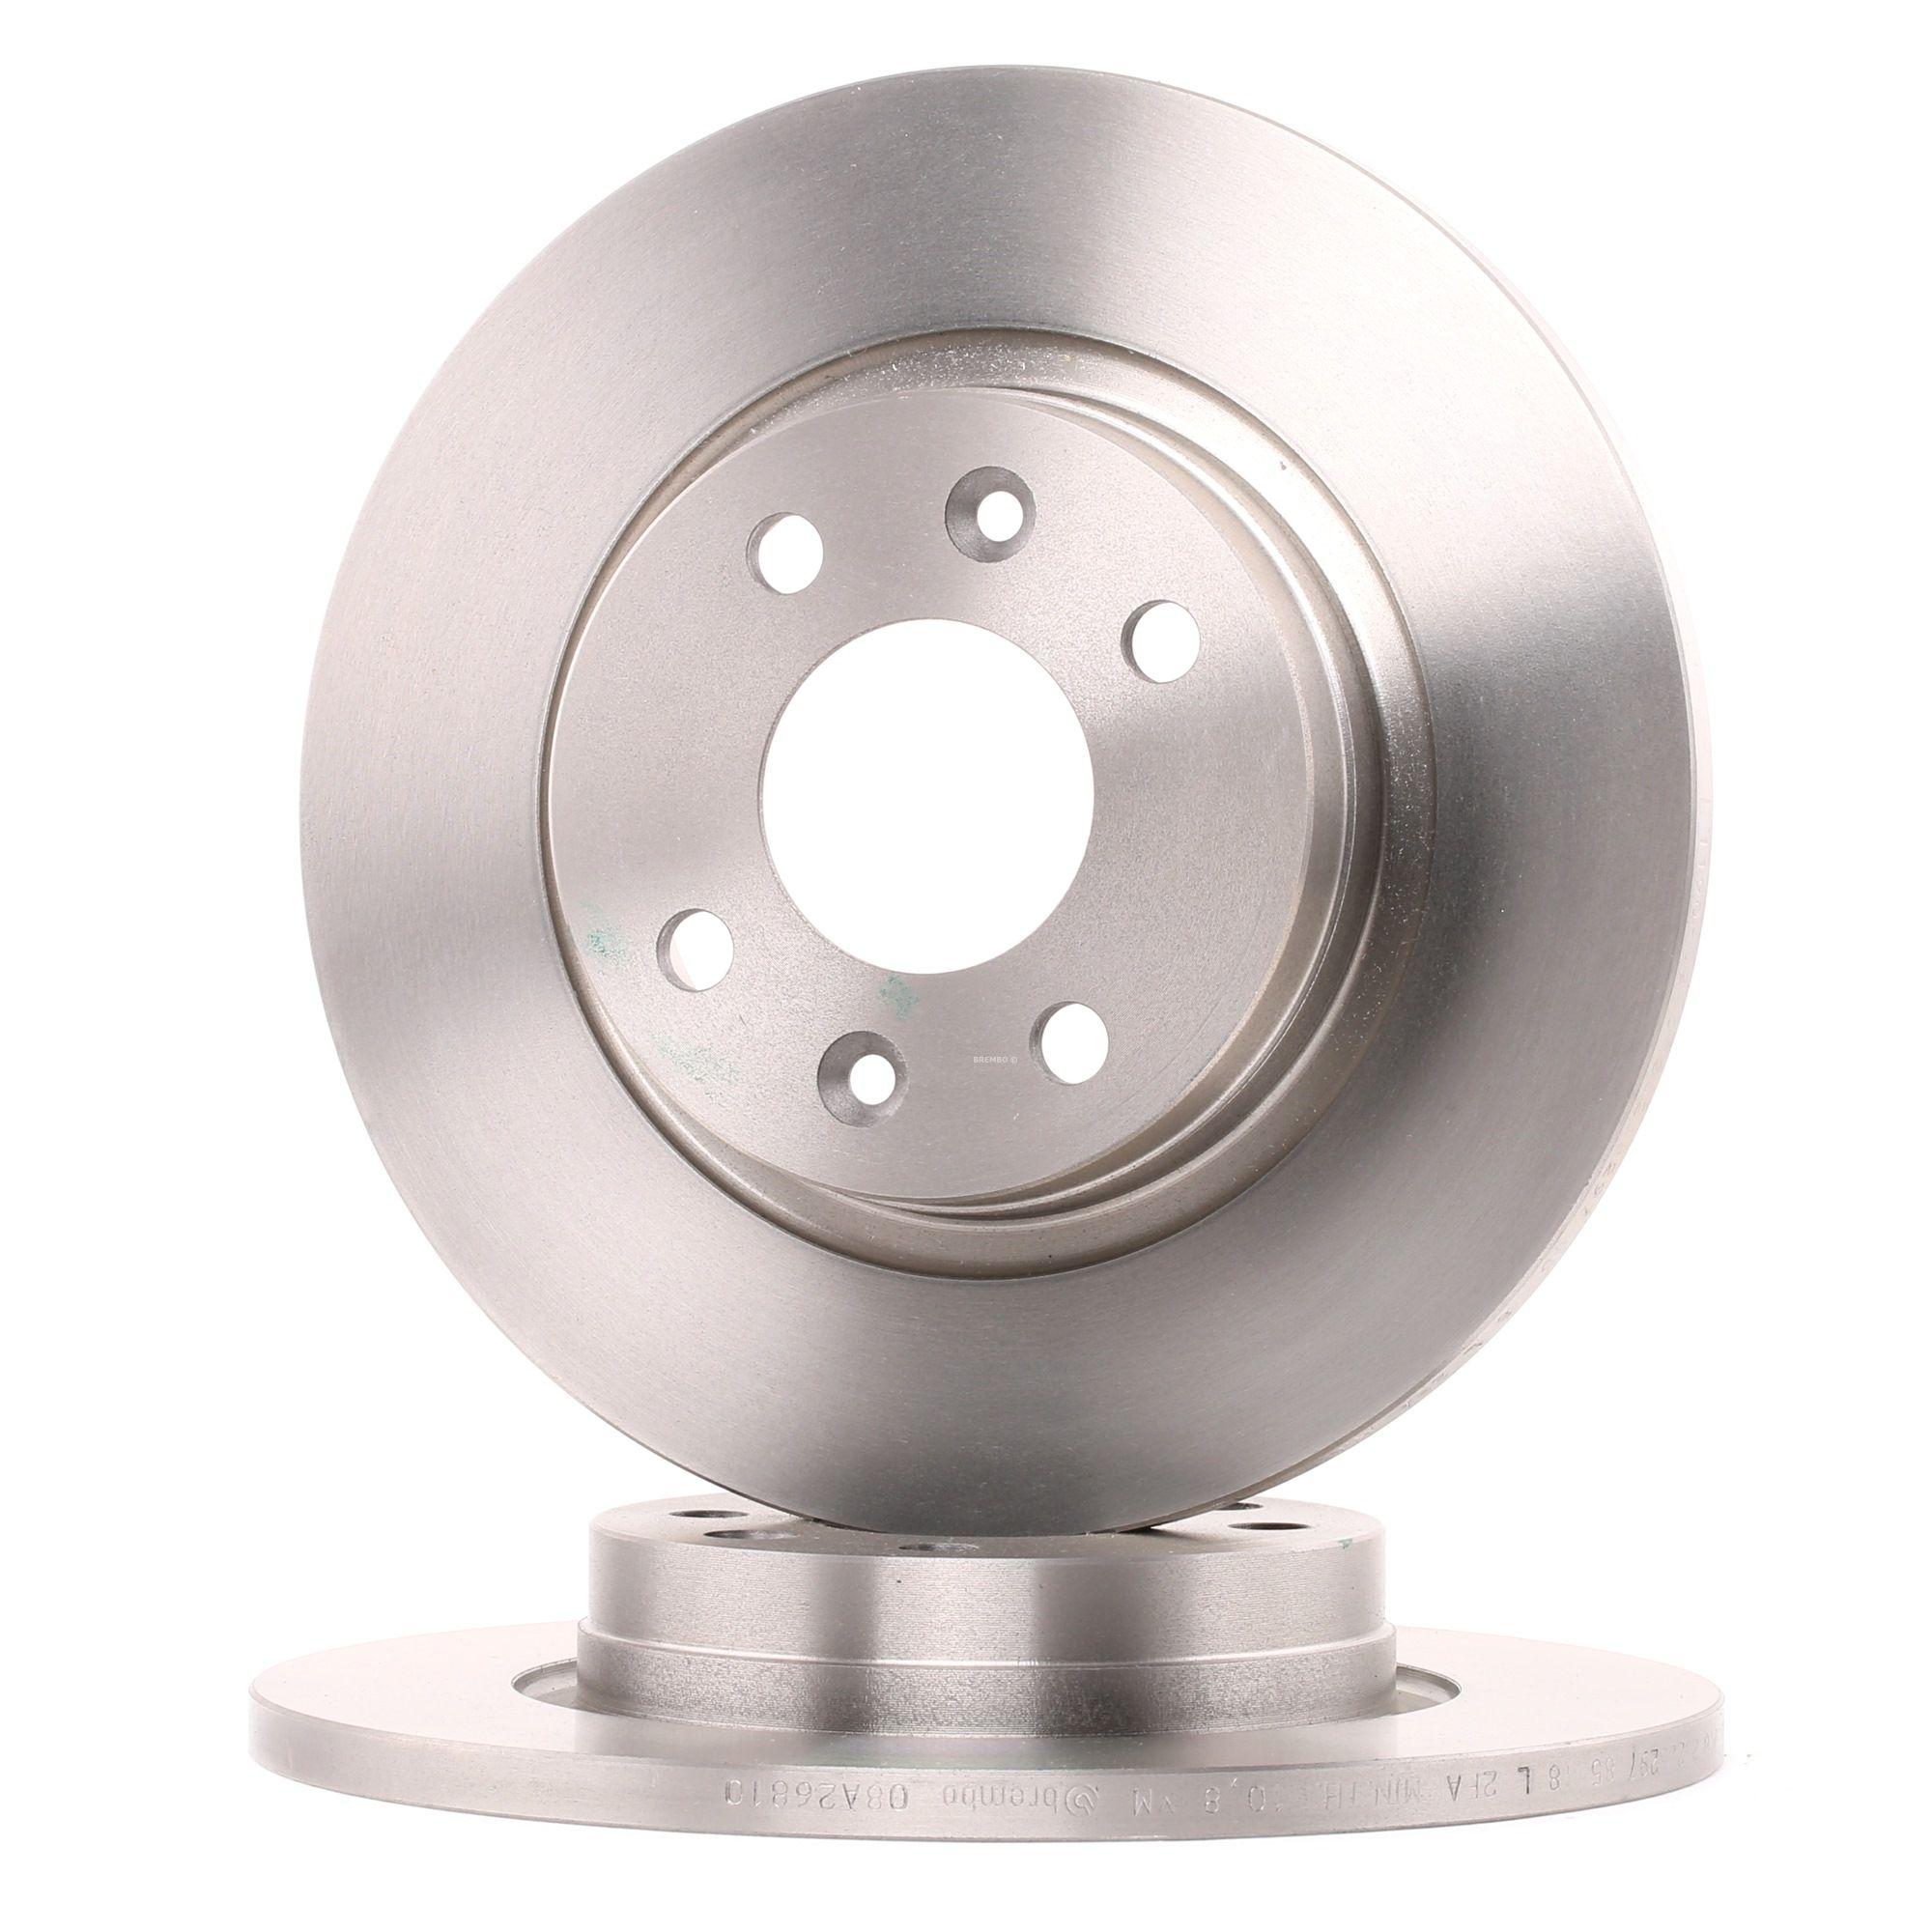 08.A268.10 BREMBO Voll, mit Schrauben Ø: 260mm, Lochanzahl: 4, Bremsscheibendicke: 12mm Bremsscheibe 08.A268.10 günstig kaufen